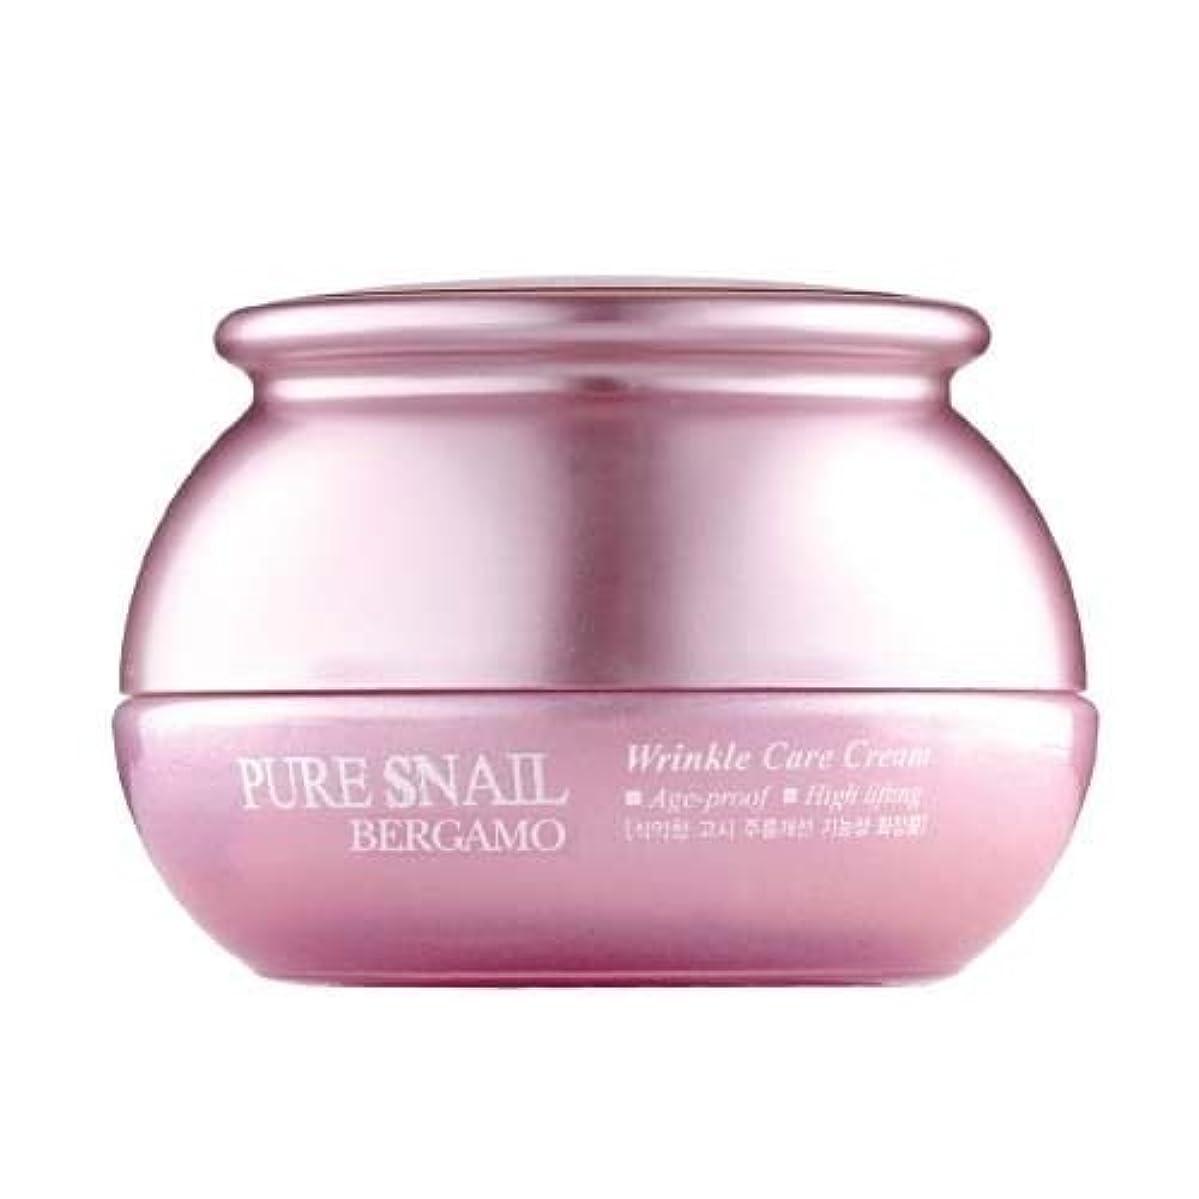 シガレットダーツ優雅なベルガモ[韓国コスメBergamo]Pure Snail Wrinkle Care Cream カタツムリリンクルケアクリーム50ml しわ管理 [並行輸入品]